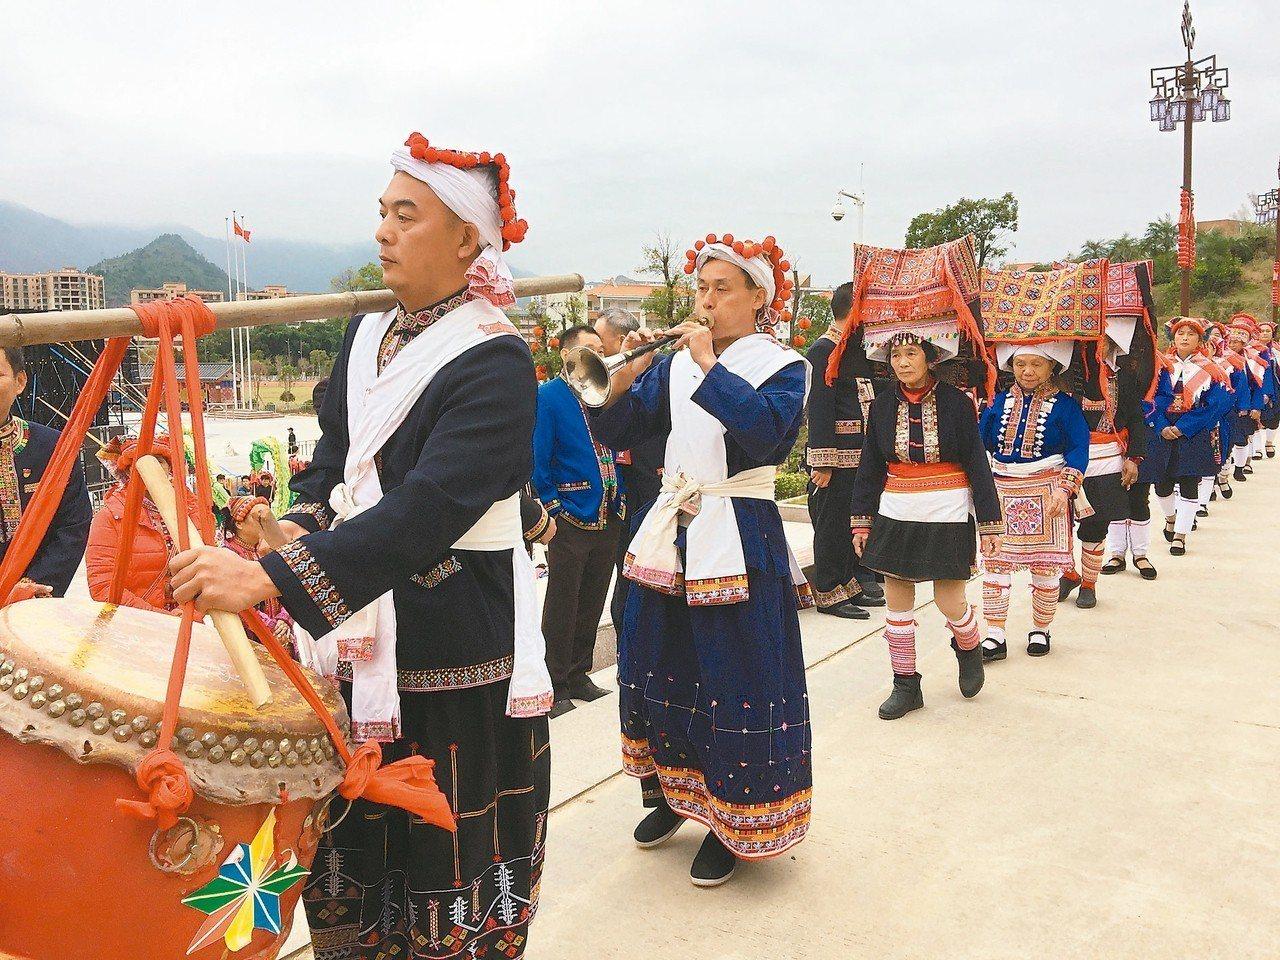 瑤族人載歌載舞,隆重祭祀盤王。